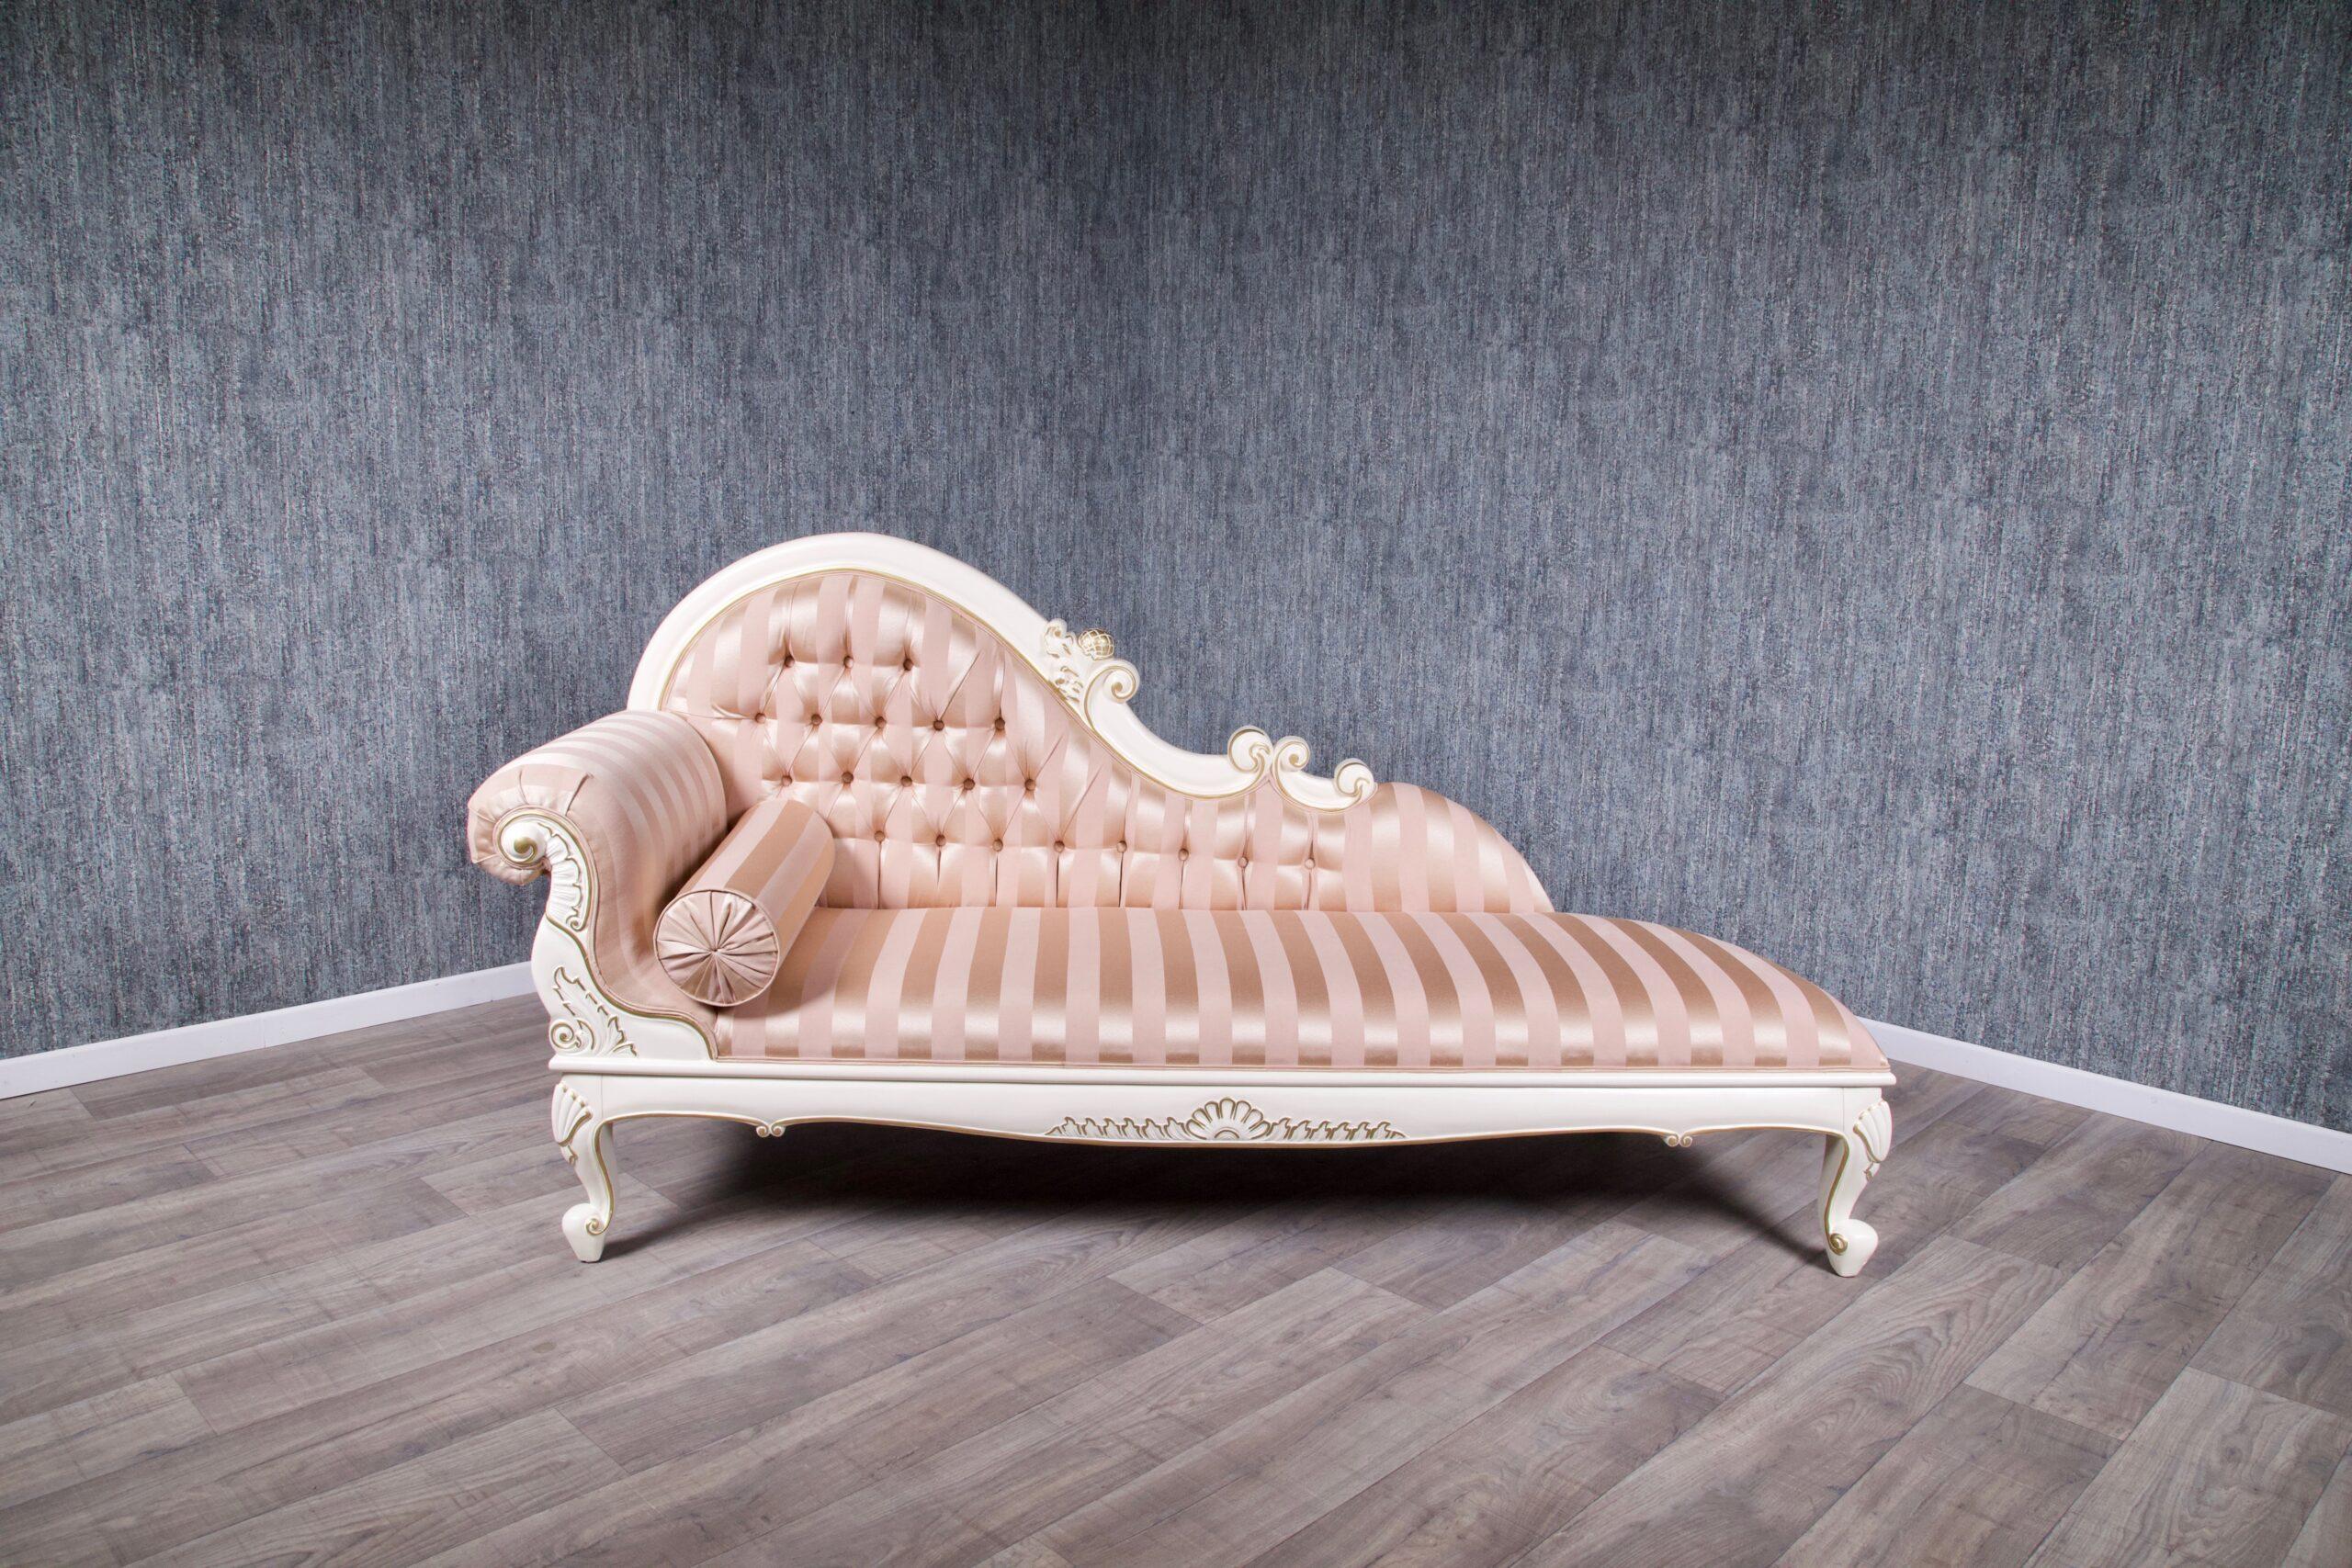 Full Size of Recamiere Barock Rot Boudoir Diplomatie Chaiselongue Modena 2229 In Elfenbein Mit Leichtem Gold Dekor Sofa Bett Wohnzimmer Recamiere Barock